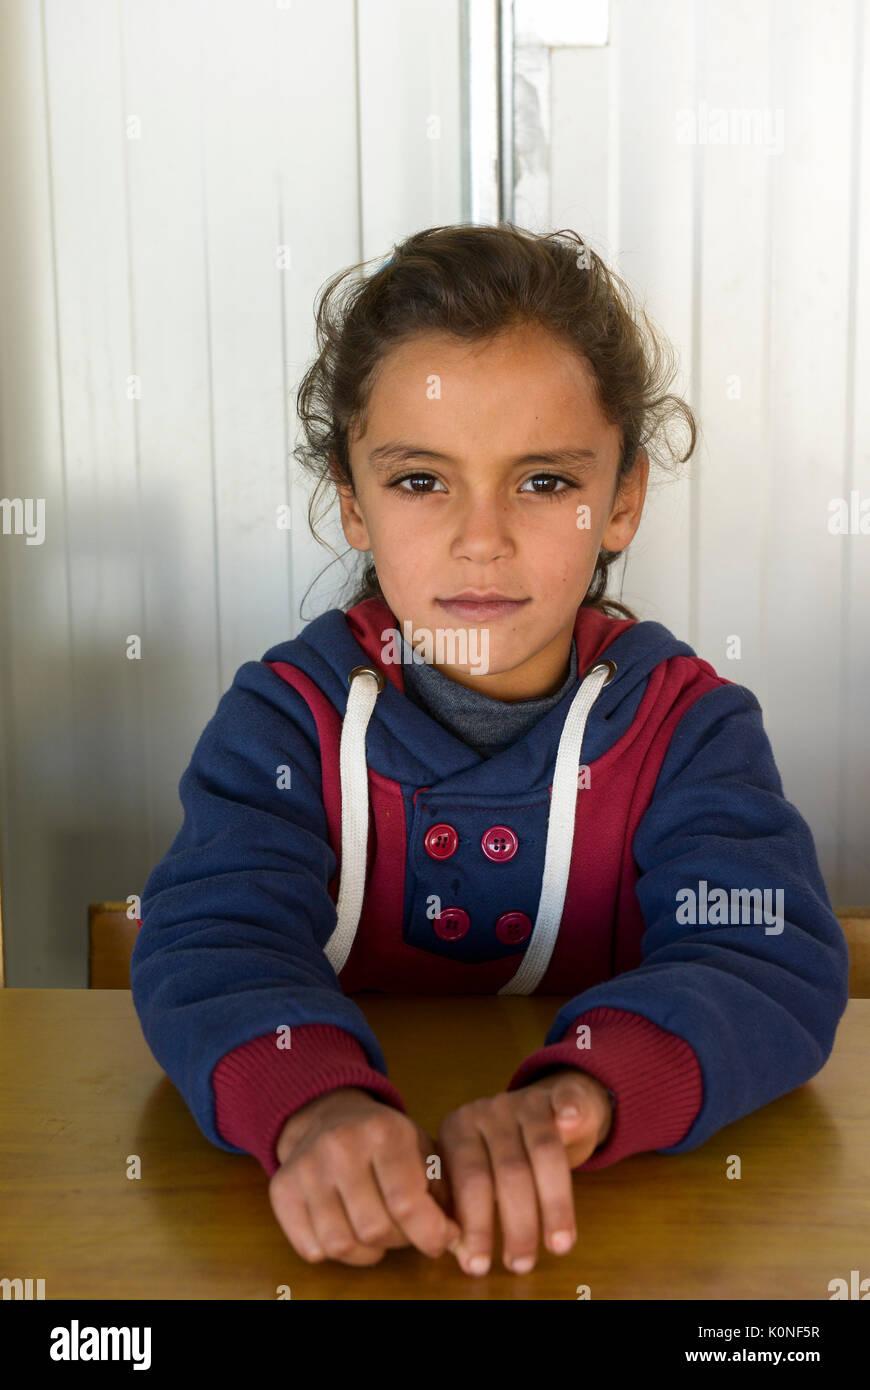 LEBANON Deir el Ahmad, a maronite christian village in Beqaa valley, school for syrian refugee children / LIBANON Deir el Ahmad, ein christlich maronitisches Dorf in der Bekaa Ebene, Schule der Good Shepherds Sisters der maronitischen Kirche fuer syrische Fluechtlingskinder - Stock Image